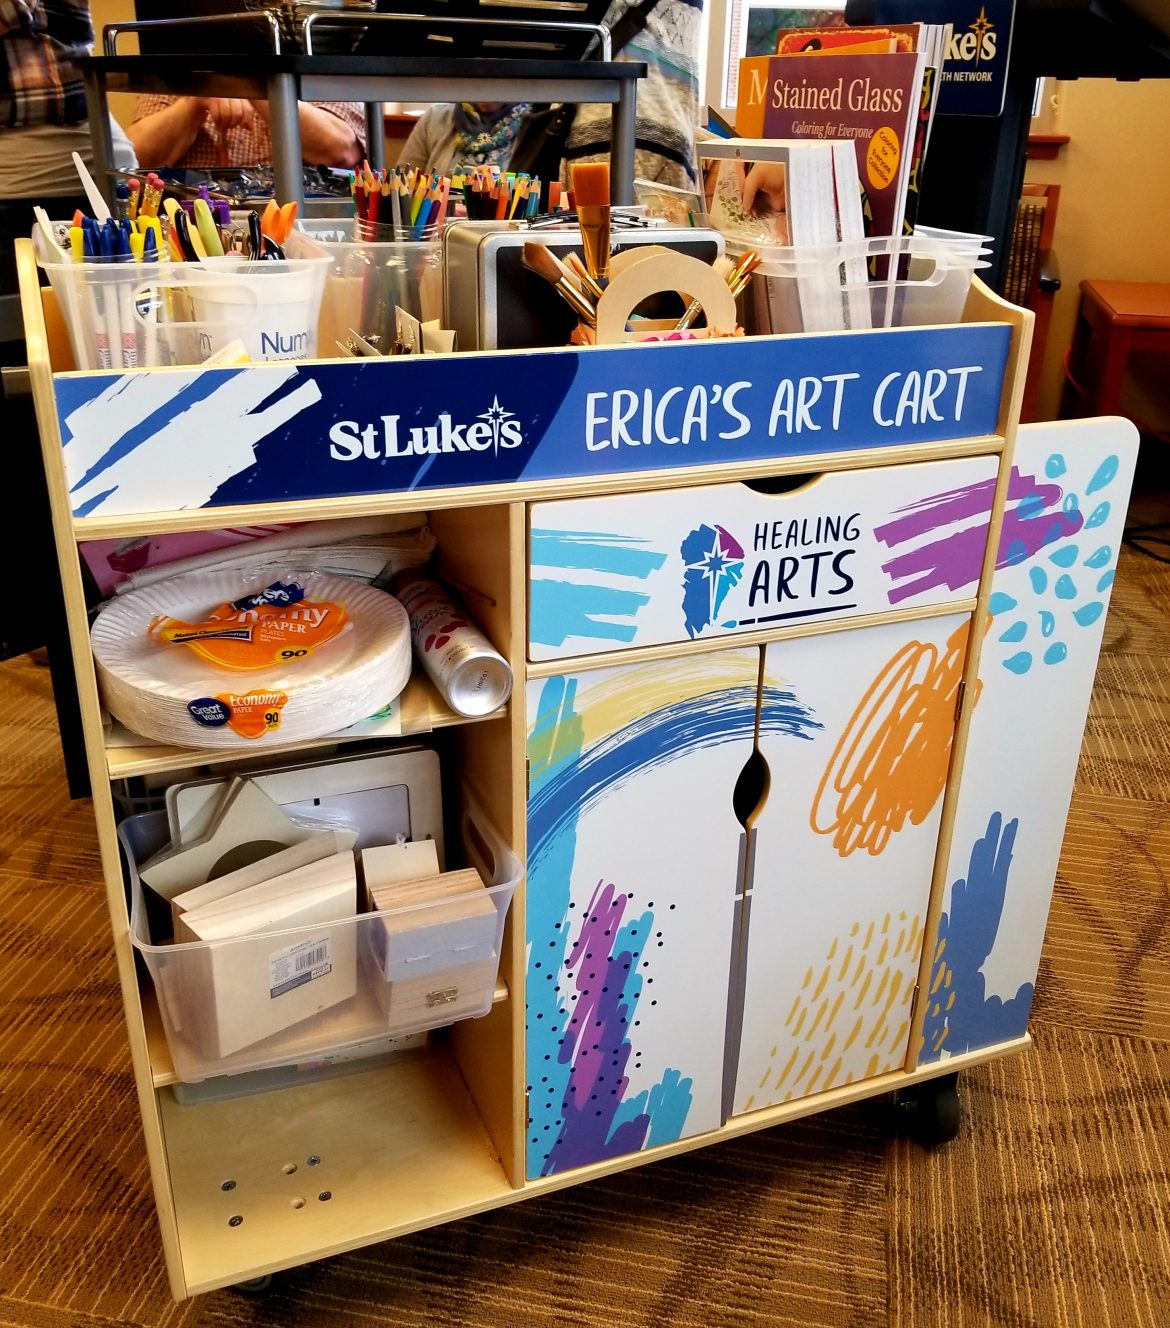 Art Carts